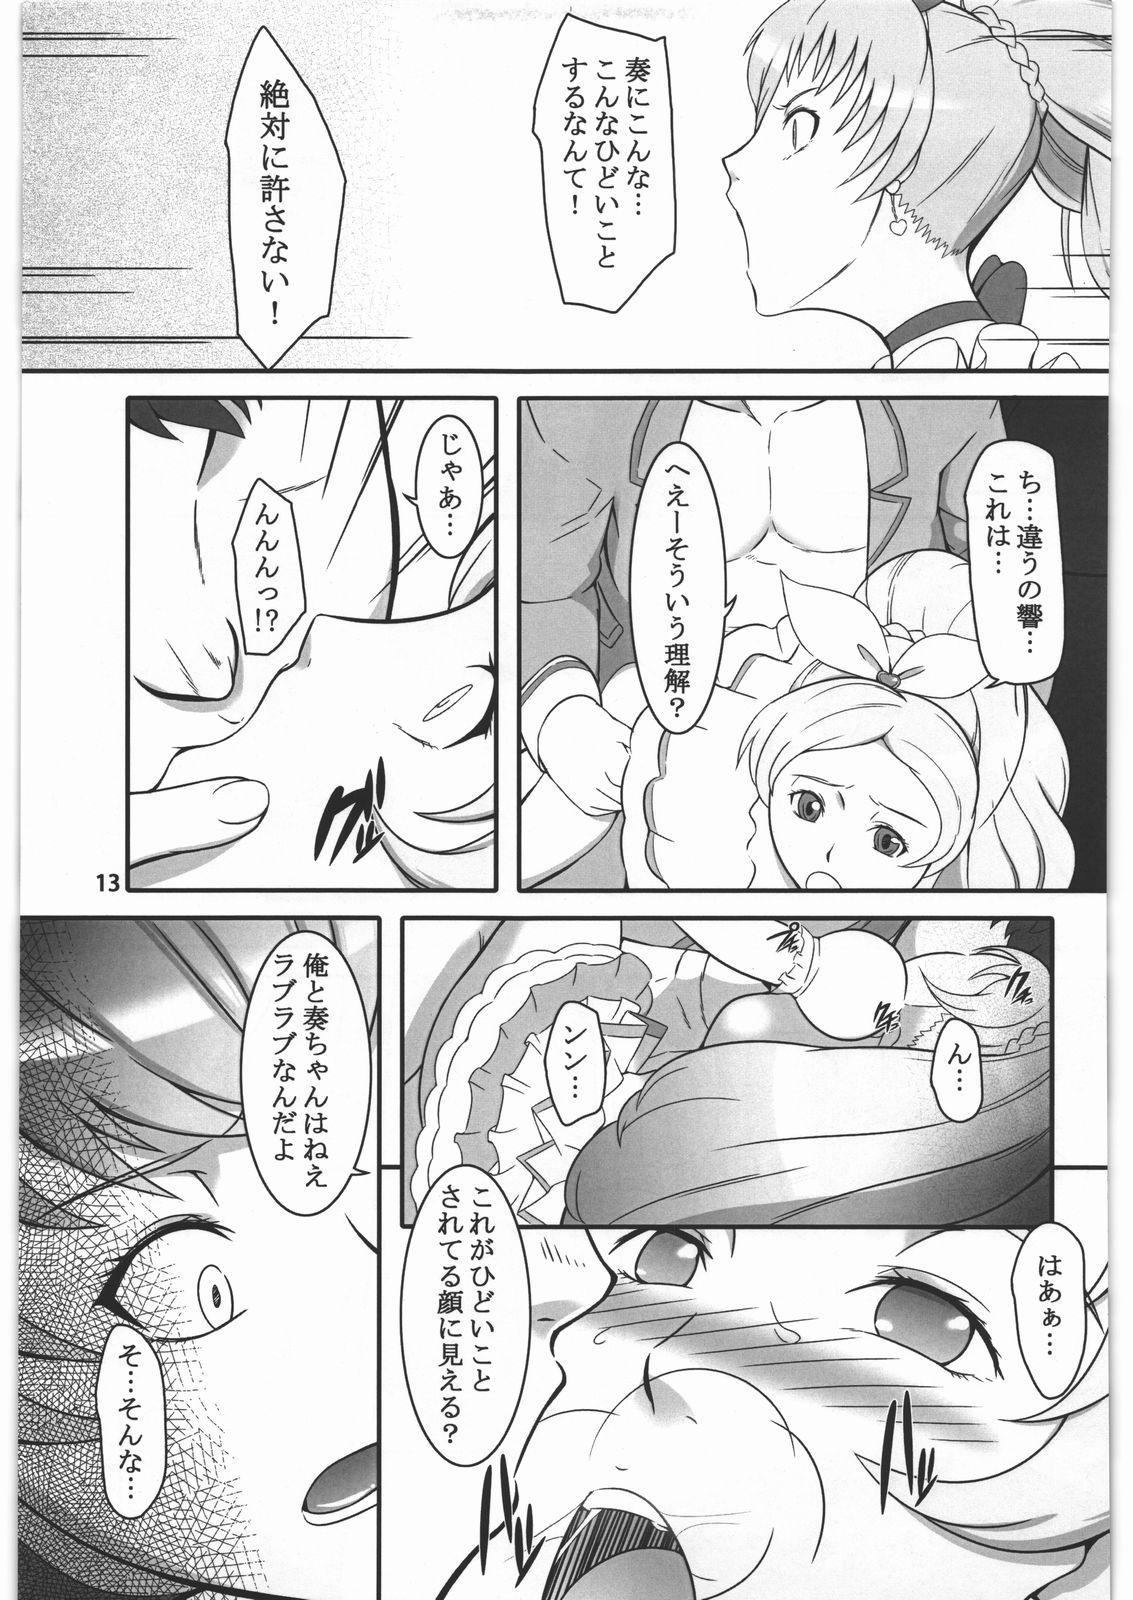 Shichinenme no Uwaki 11